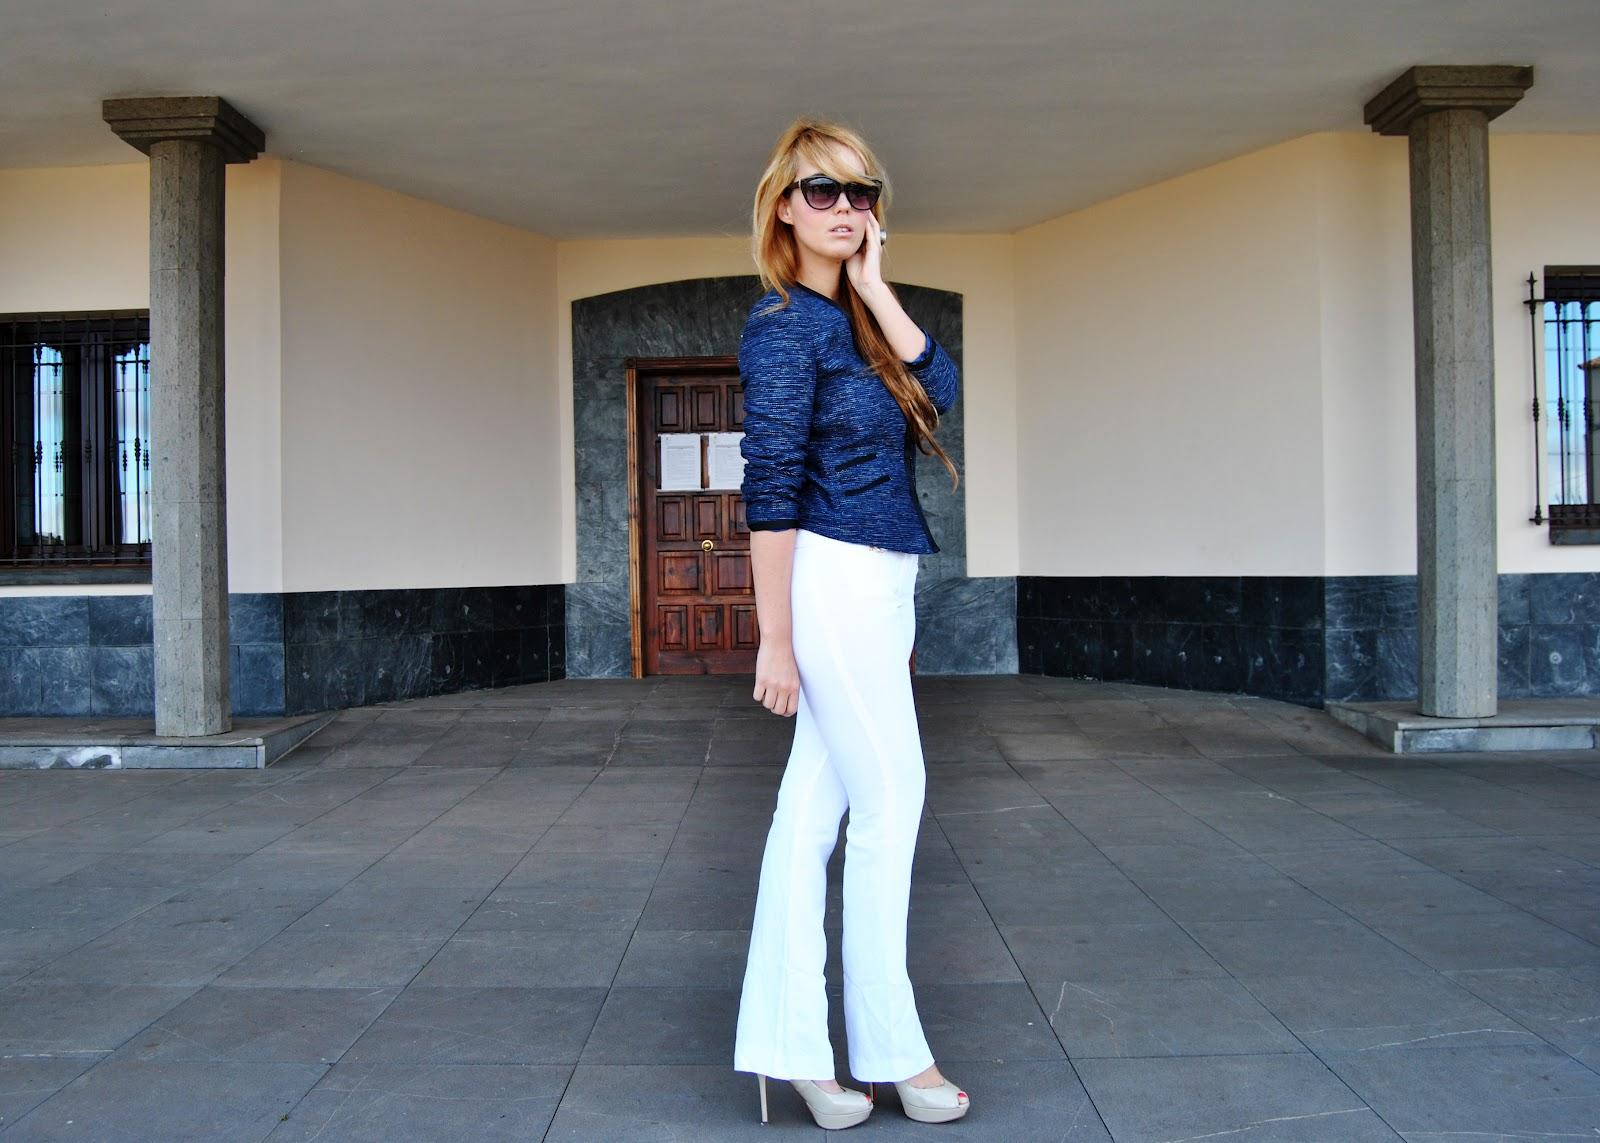 nery hdez, pantalon pata elefante, white pants, blazer , bussines look